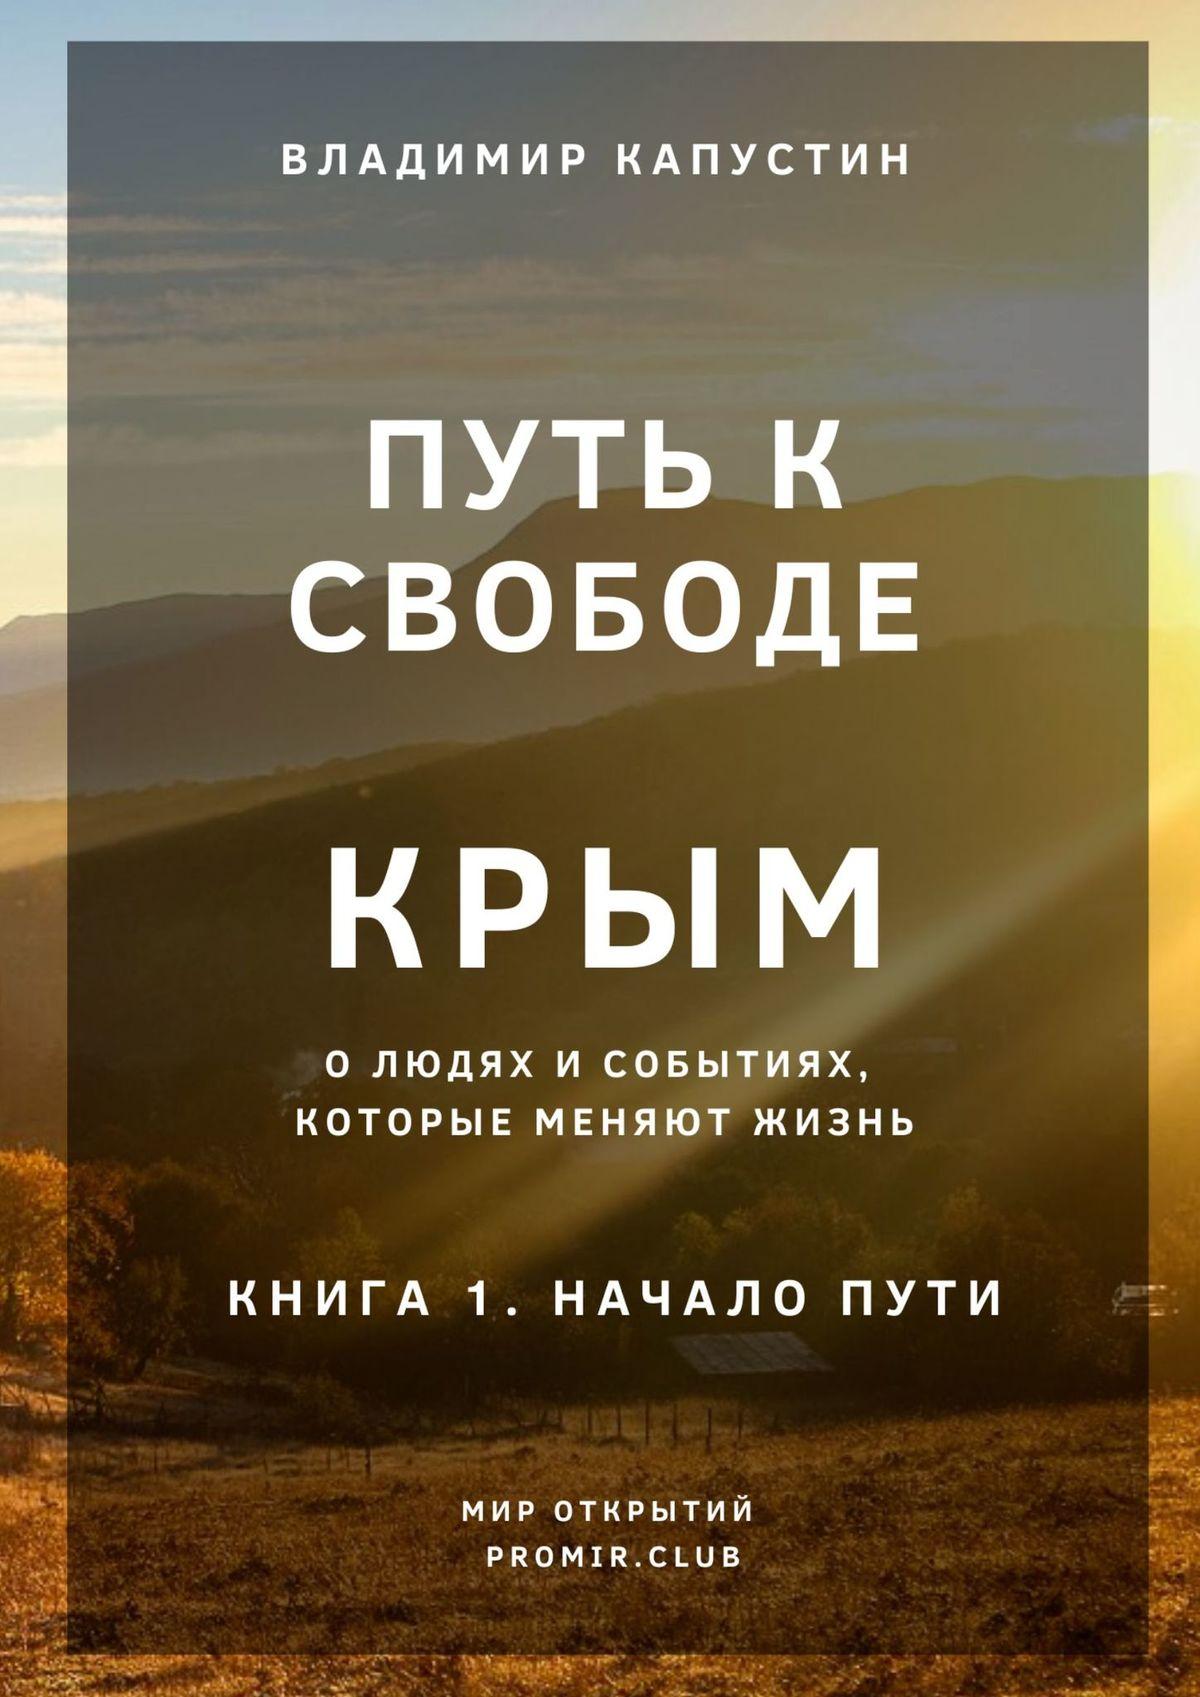 Владимир Капустин Путь кСвободе.Крым. Книга 1. НачалоПути